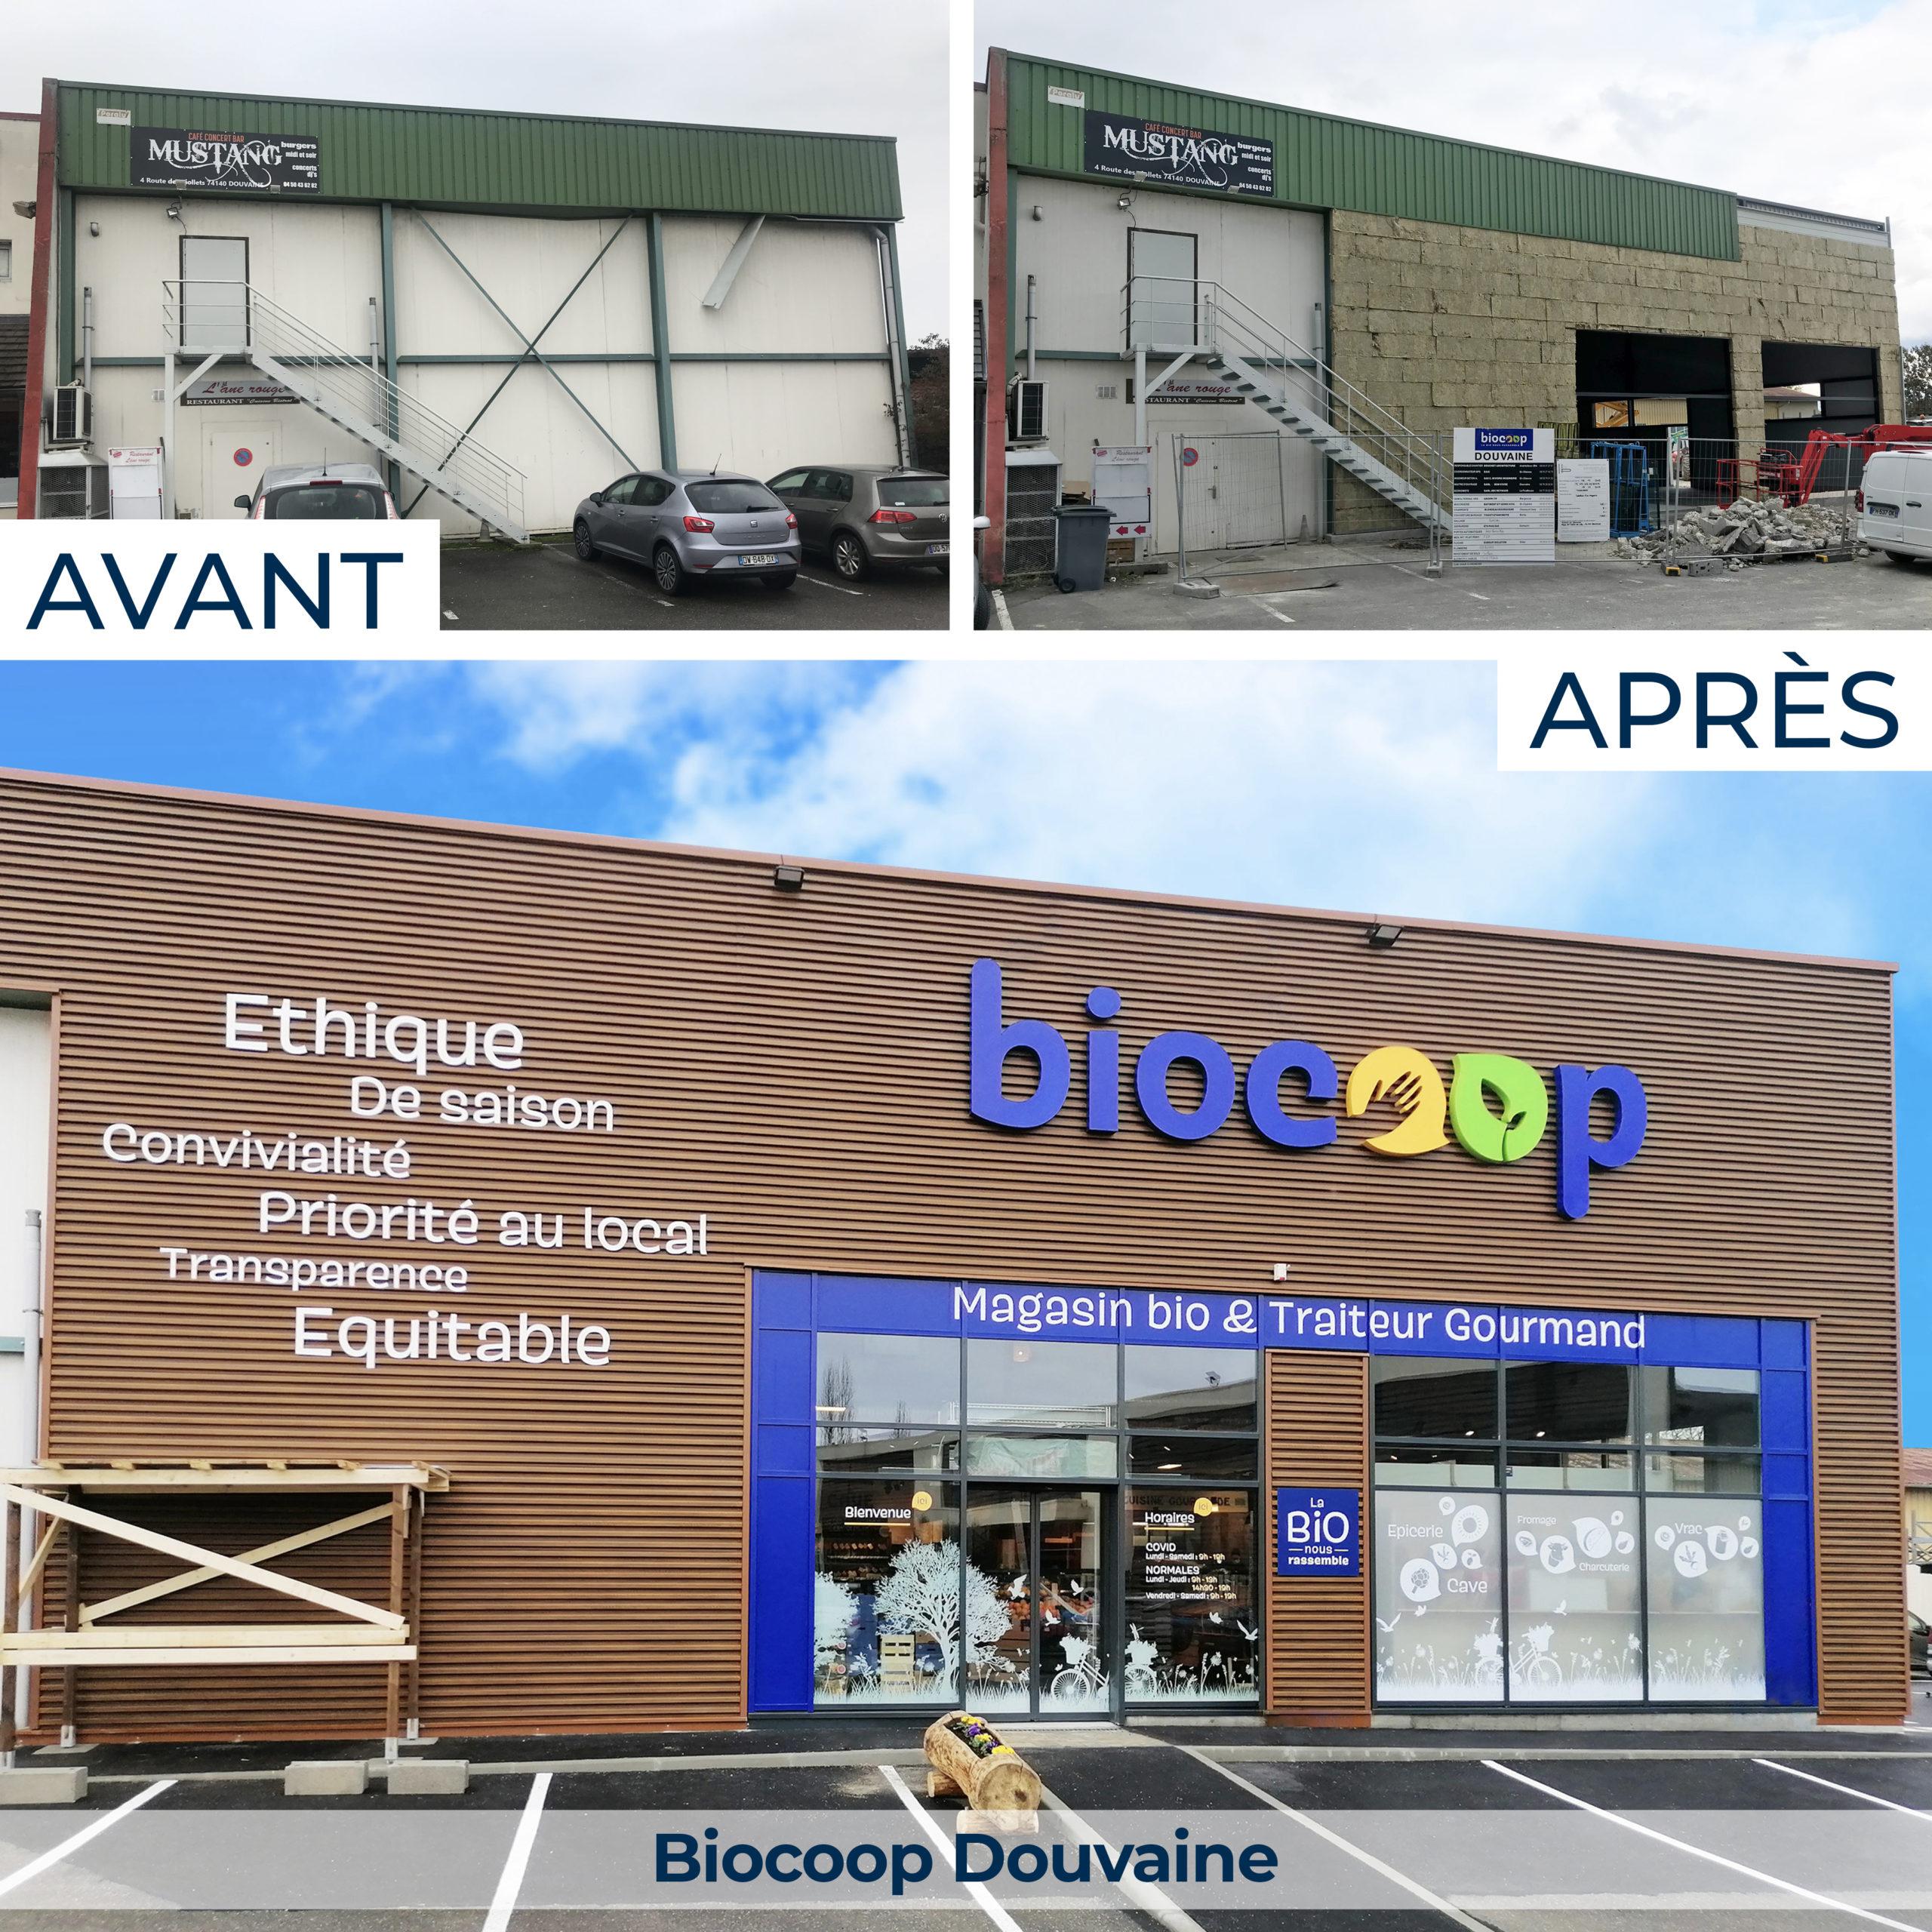 Biocoop Douvaine, magasin spécialisé en alimentation bio et local